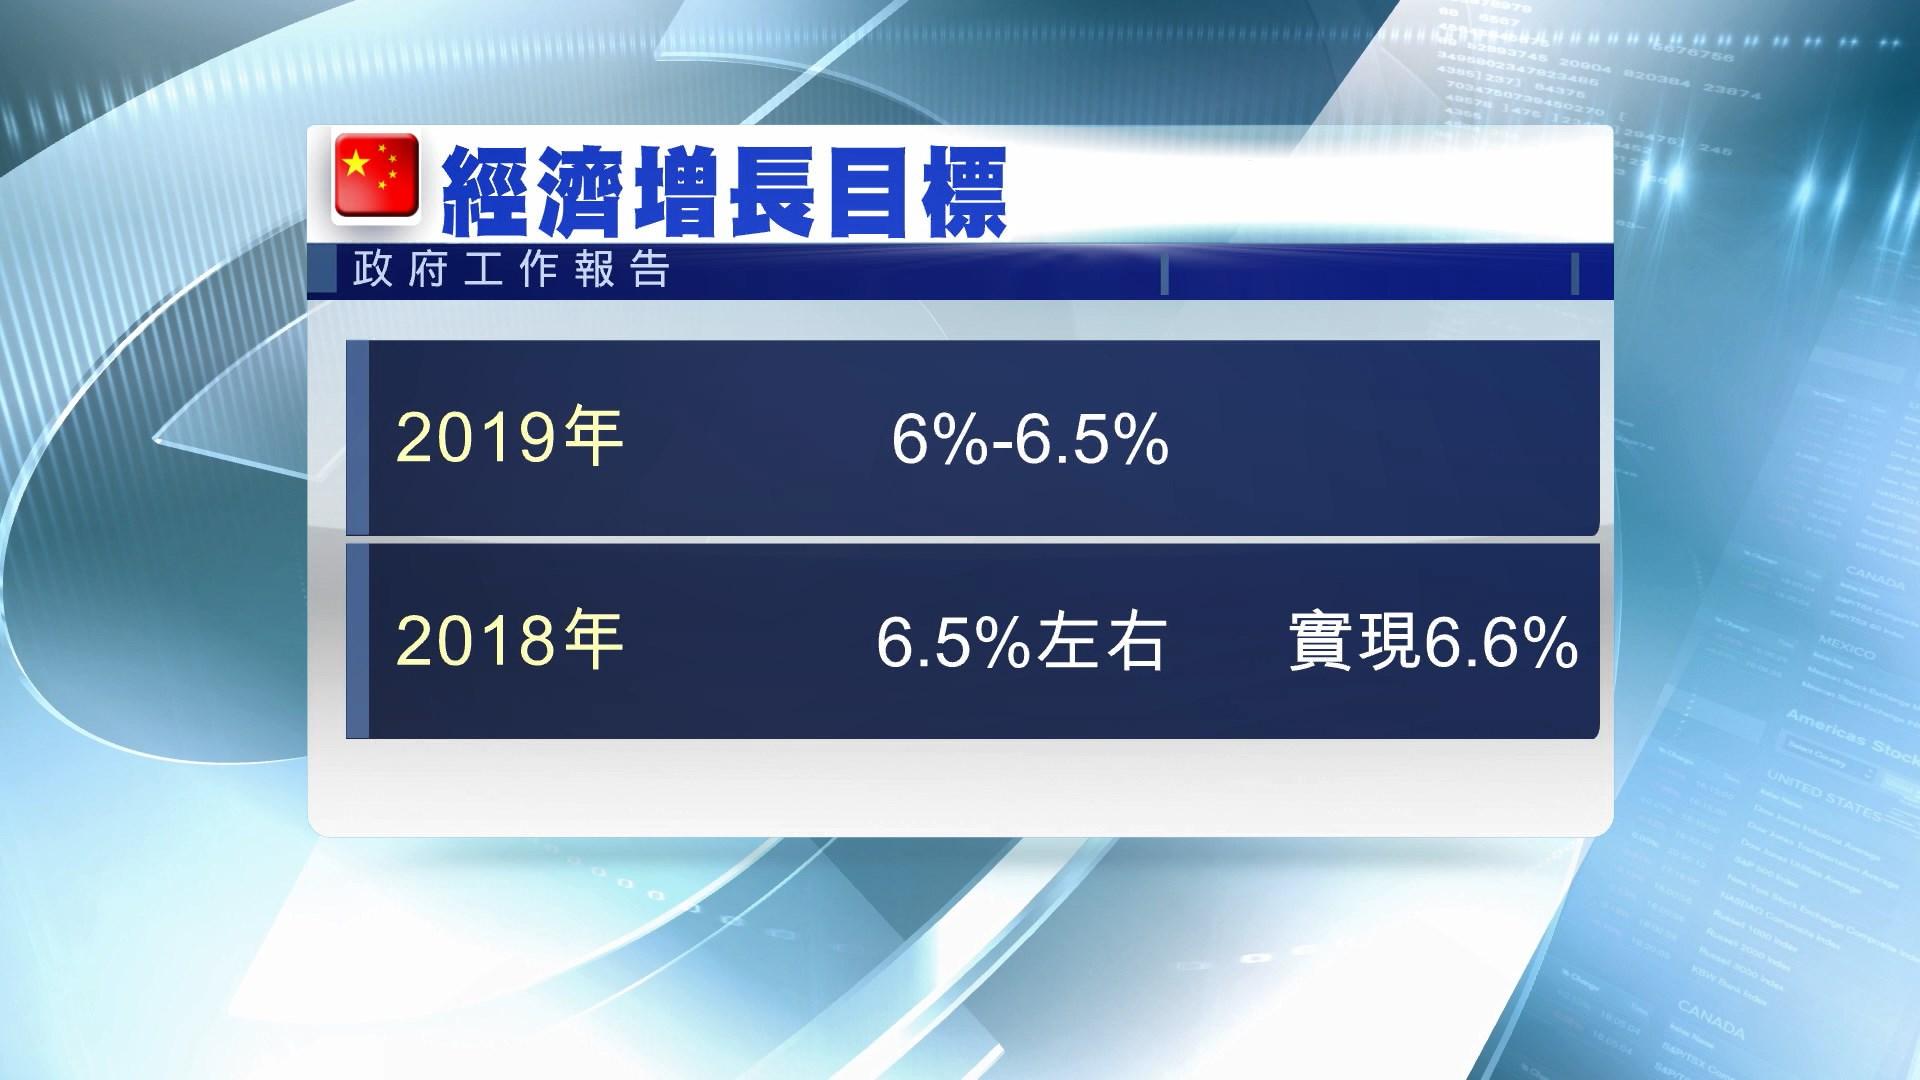 今年中國經濟增長目標6%至6.5%